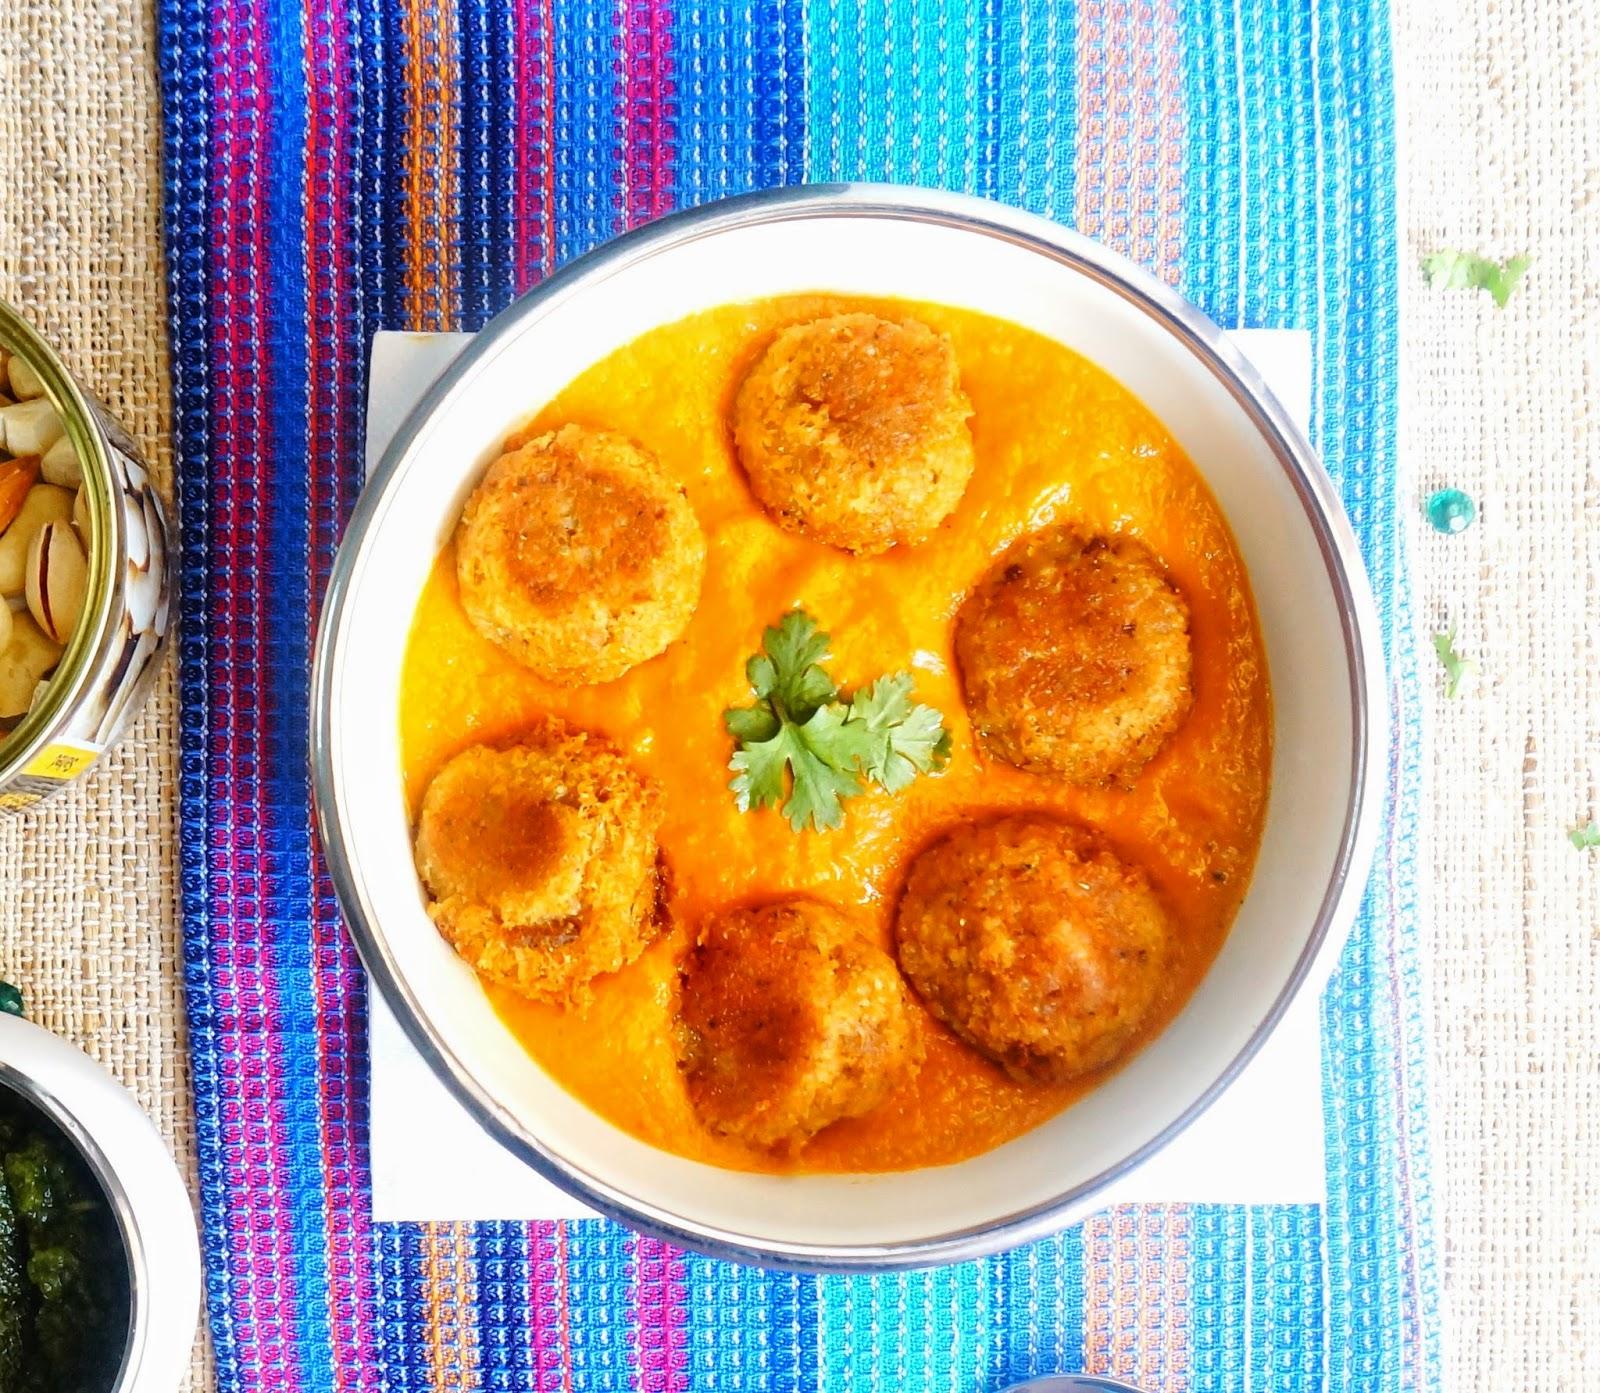 Malai Kofta, Masala Paneer,shahi paneer,cashew paneer,cottage cheese,curry,gravy,kadhai paneer,restaurant style paneer